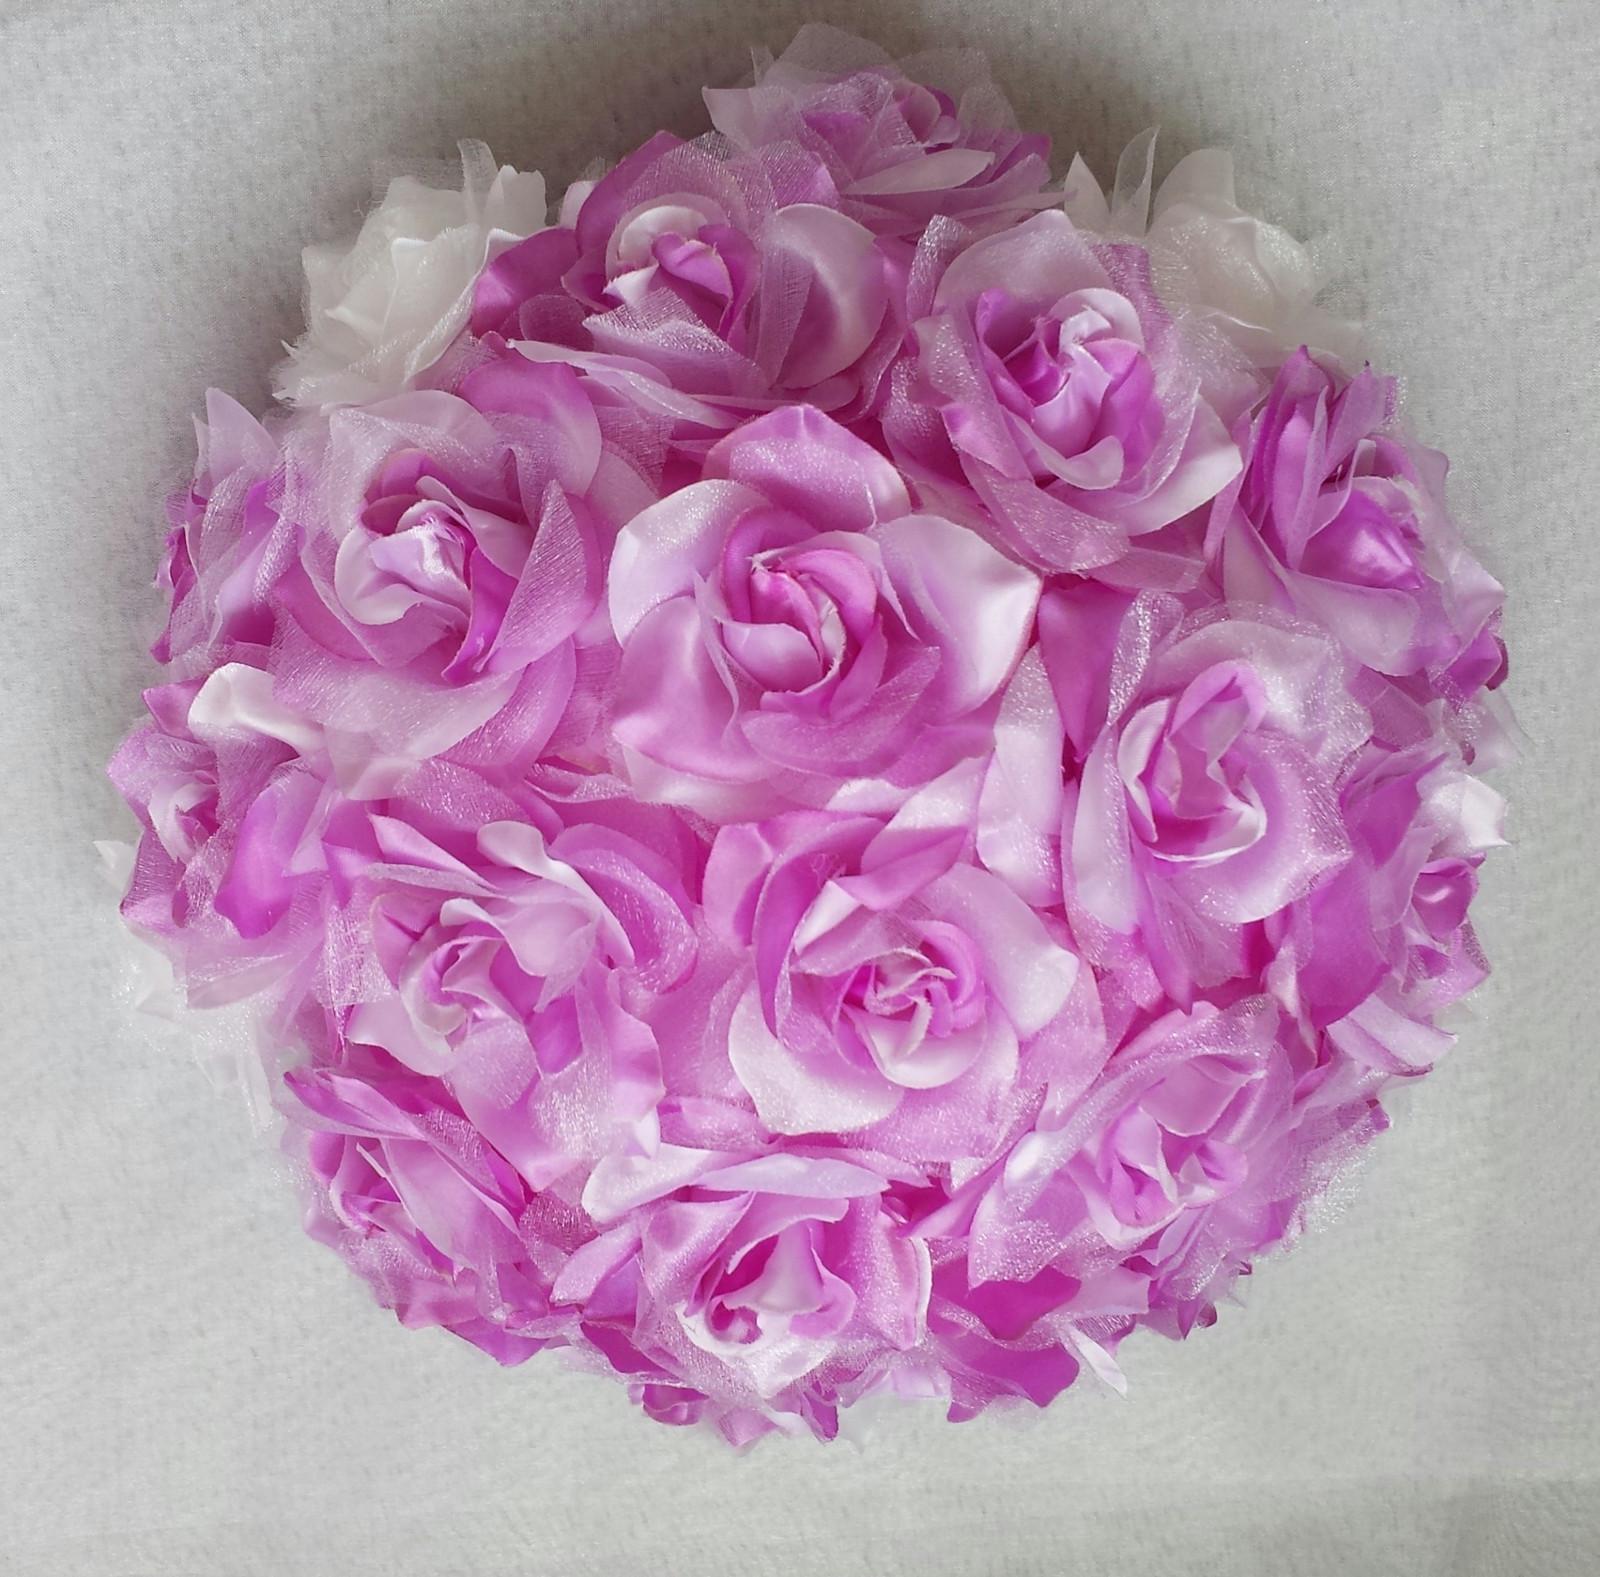 XXL Buket na svatební auto v lila barvě VYPRODEJ - Obrázek č. 1